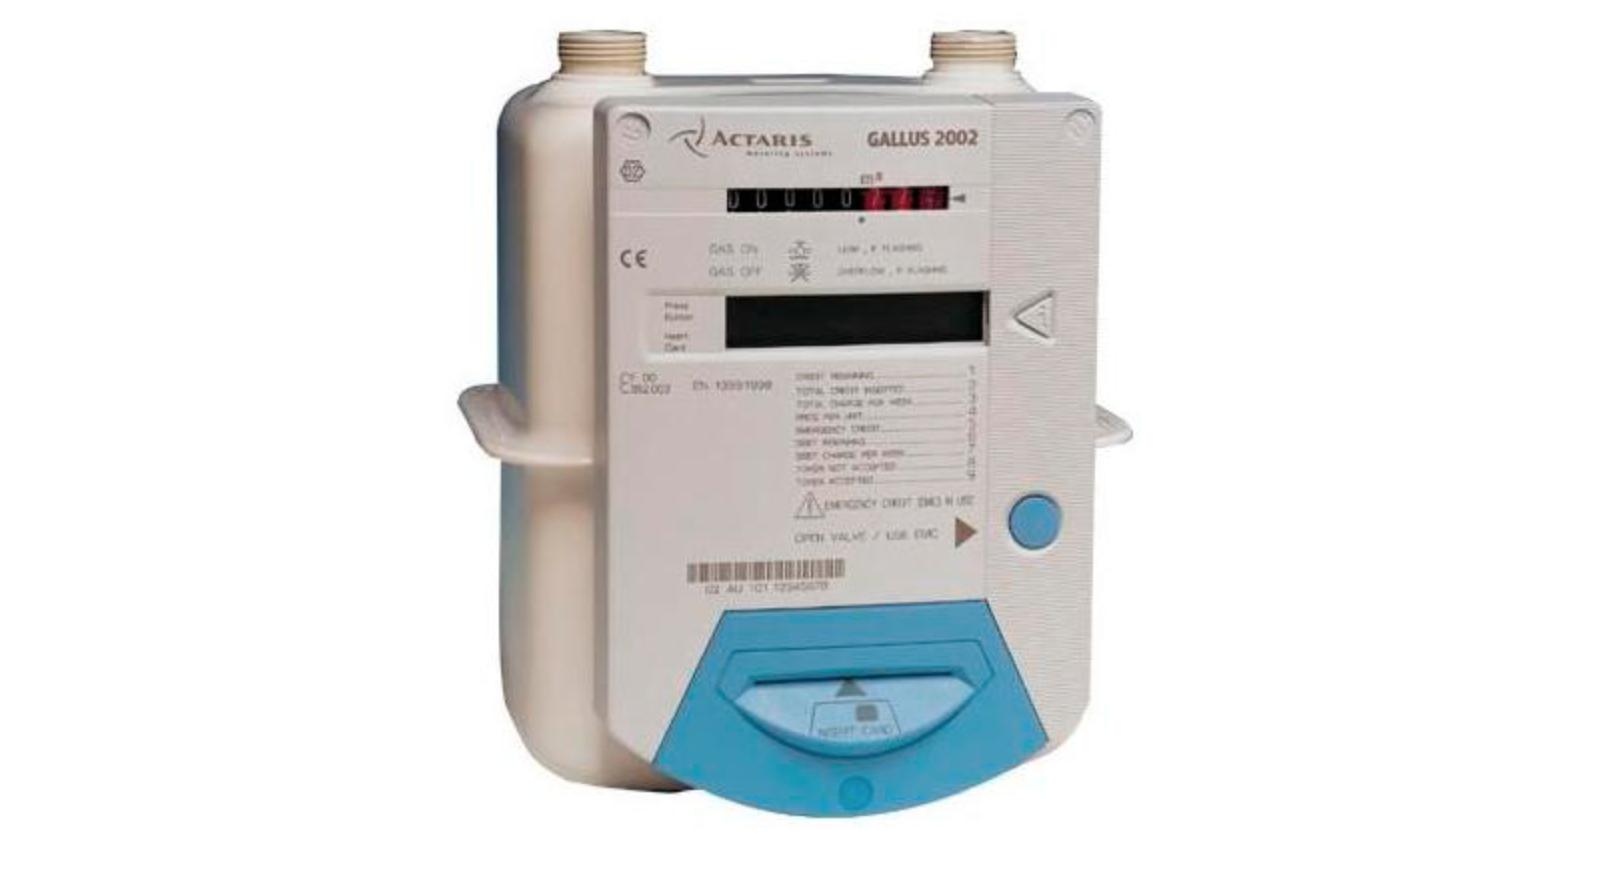 Батарейка для газового счетчика Gallus 2002